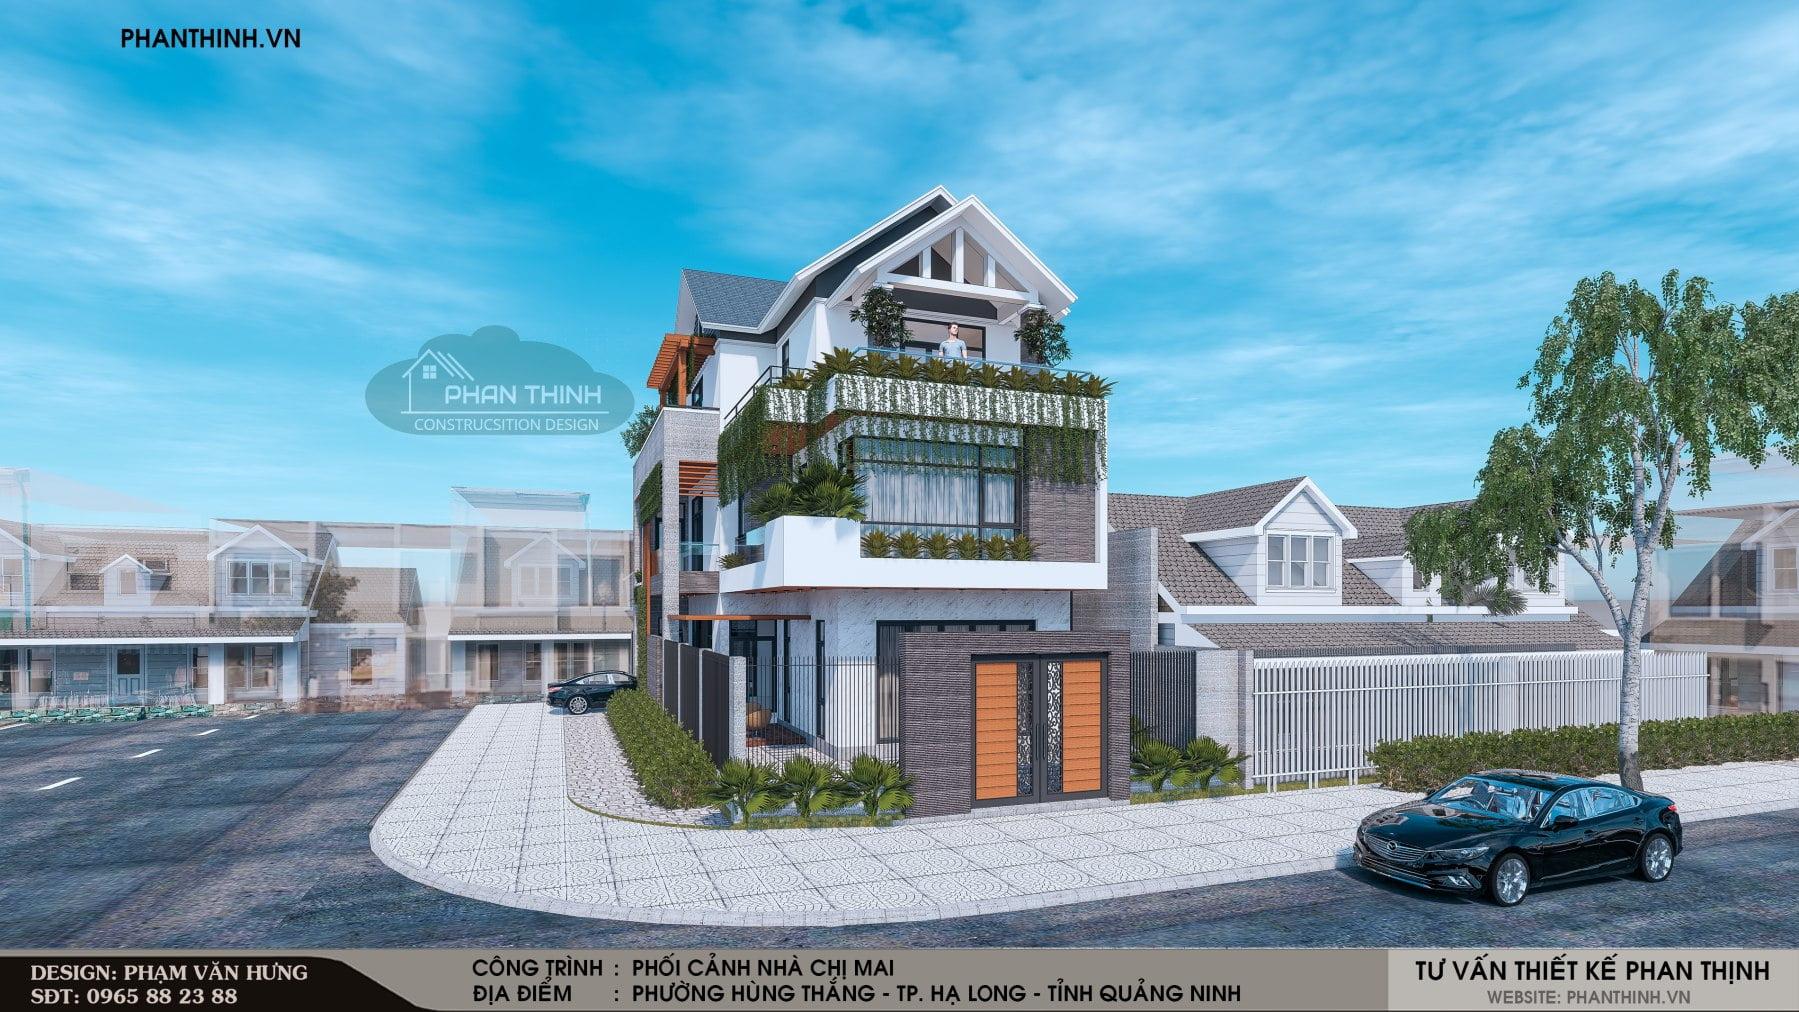 Thiết kế nhà phố 2 tầng 2 mặt tiền đẹp tại Quảng Ninh